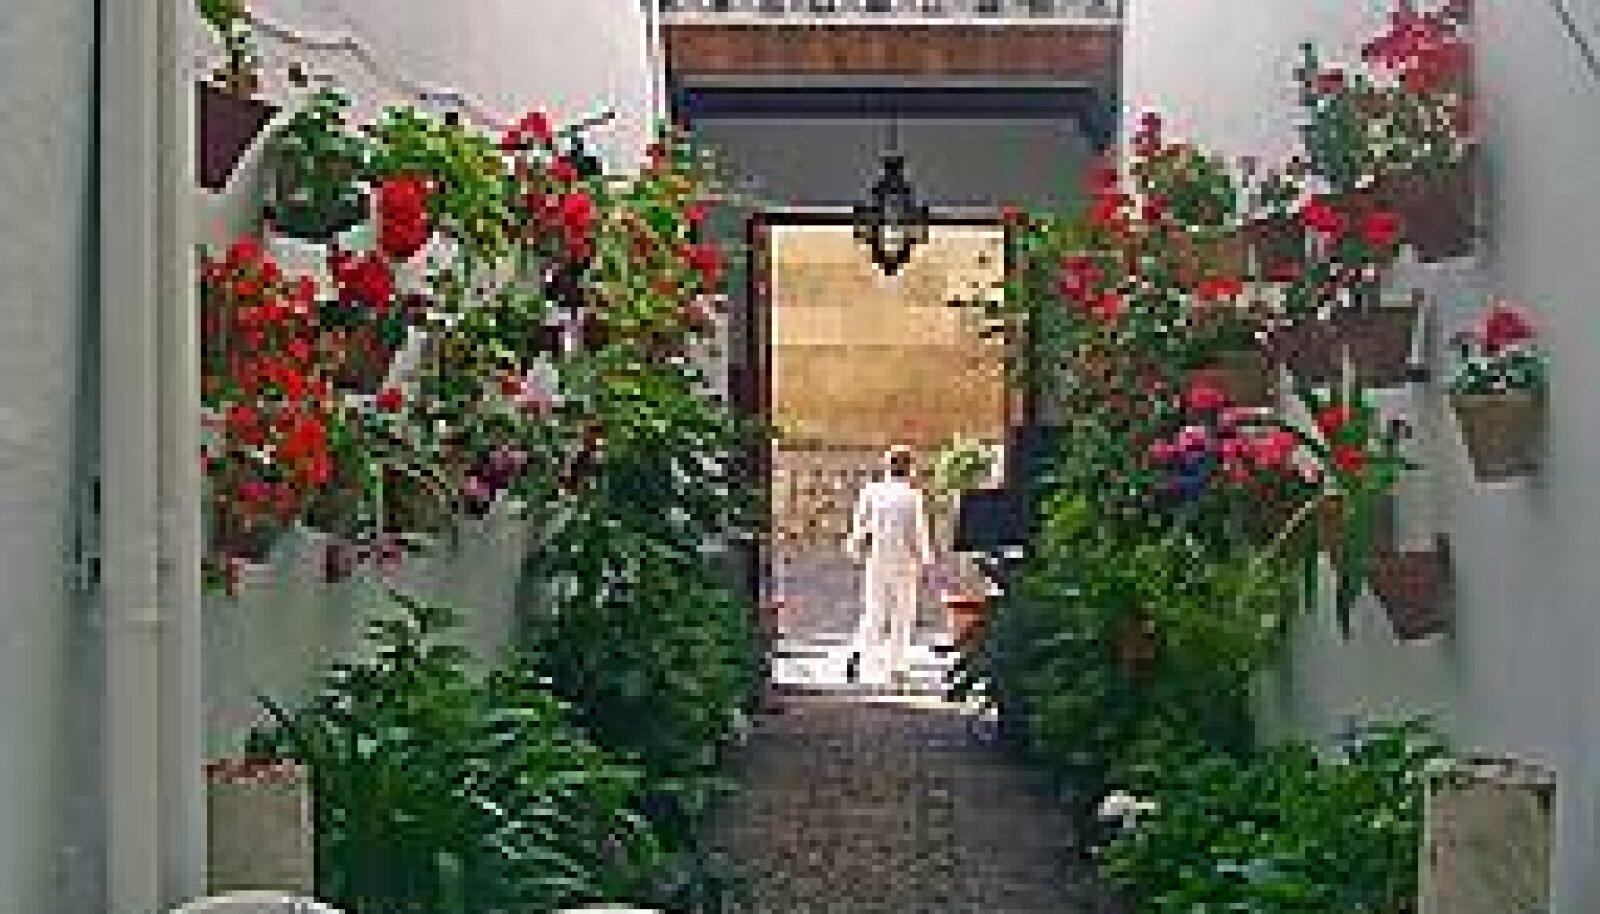 VARJULINE HOOV: Nii nagu mitmed Veneetsia majad meenutavad Casanovat, räägivad paljud Sevilla õued, et just siin peatus Don Juan... RAIVO J. RAAVE